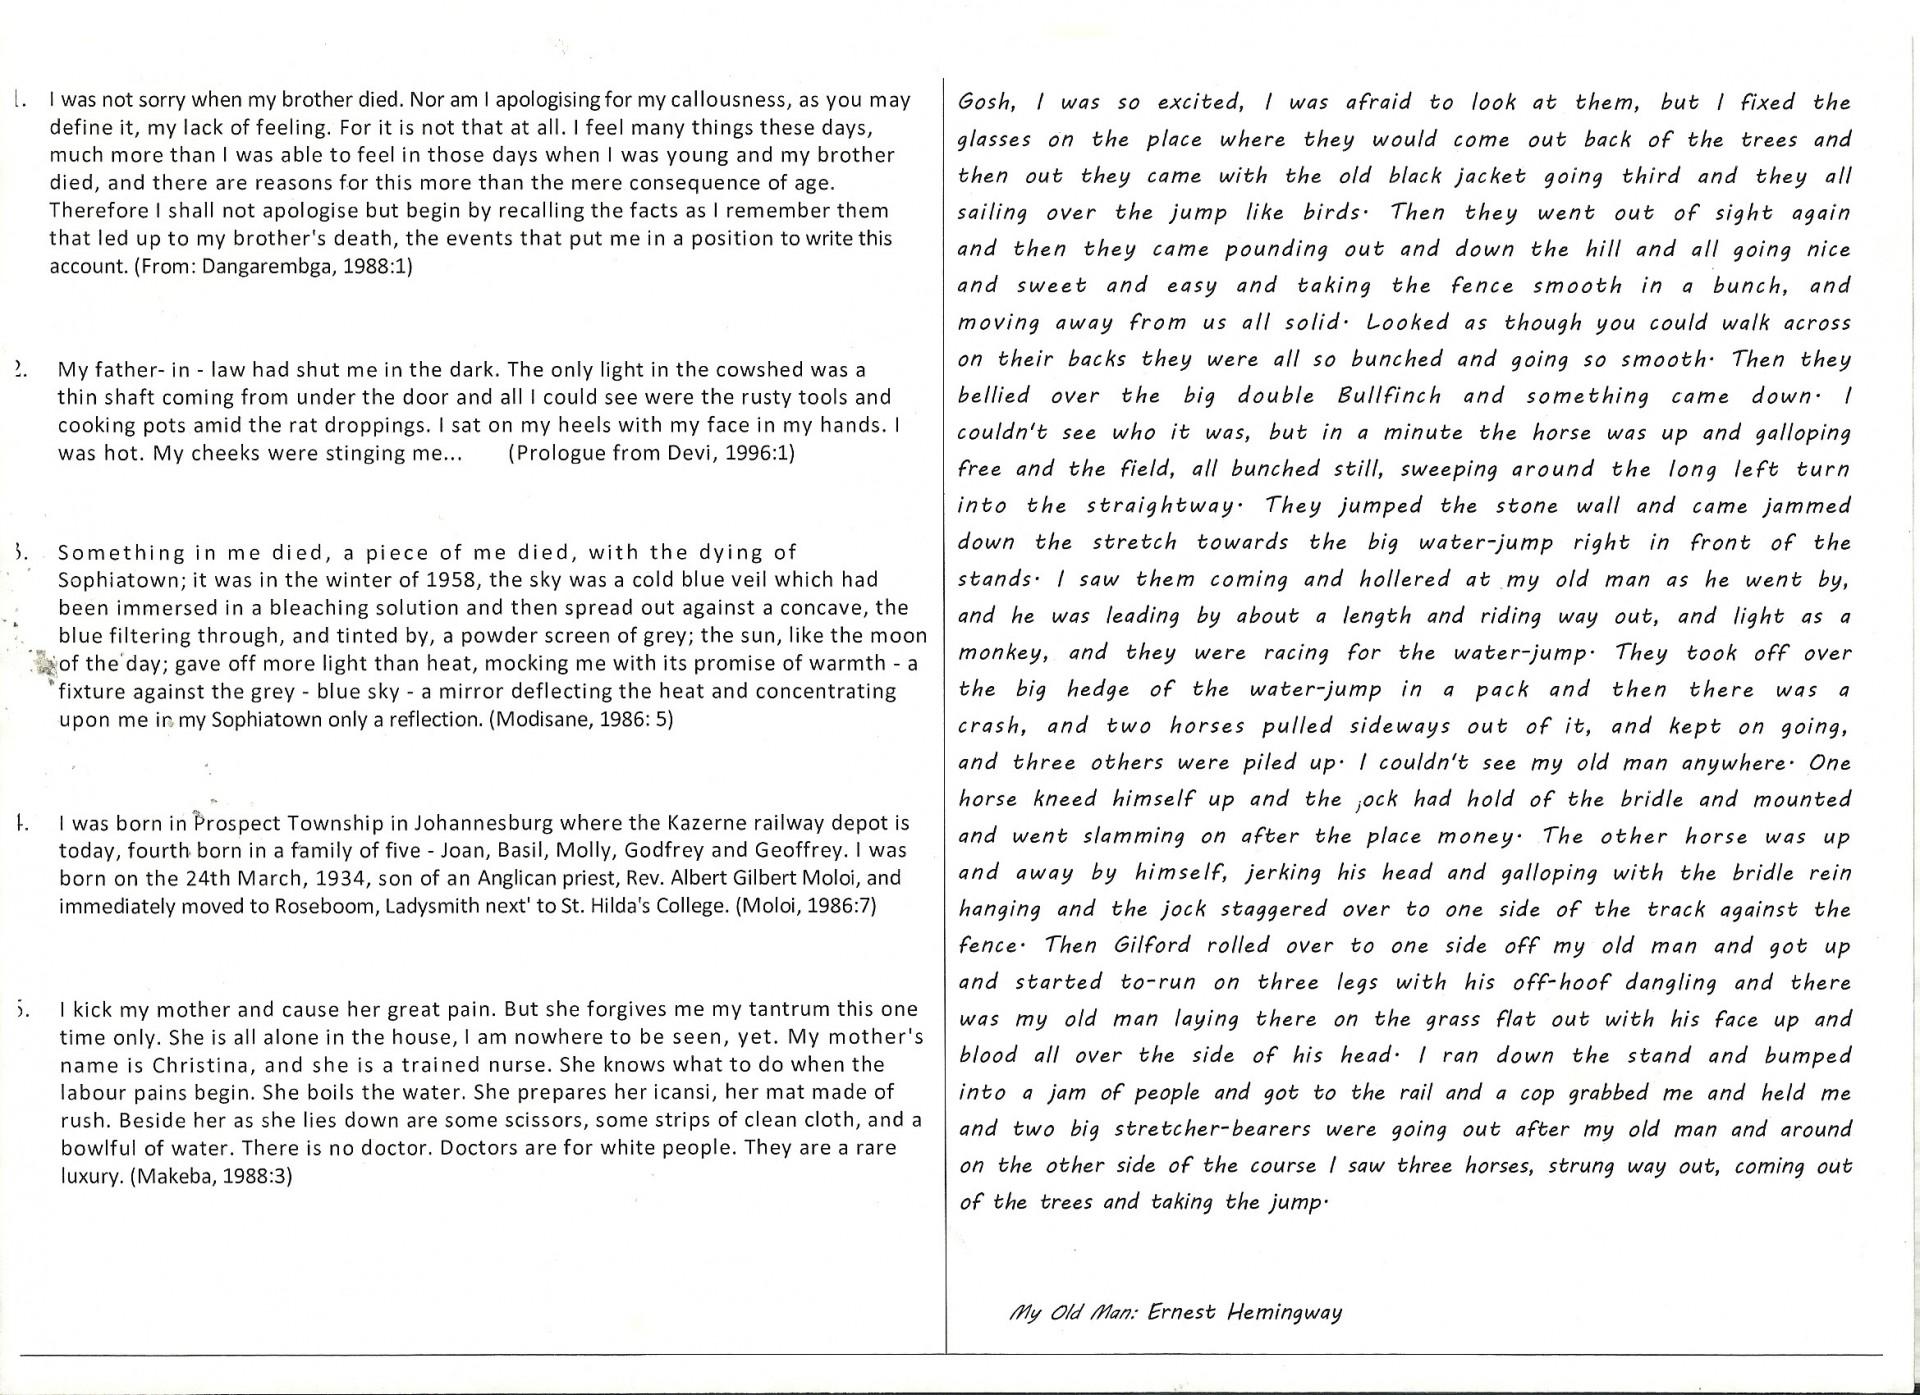 013 Good Vs Essay Example Writer Outstanding Com My Writer.com Pro Writing Reviews Comparative 1920